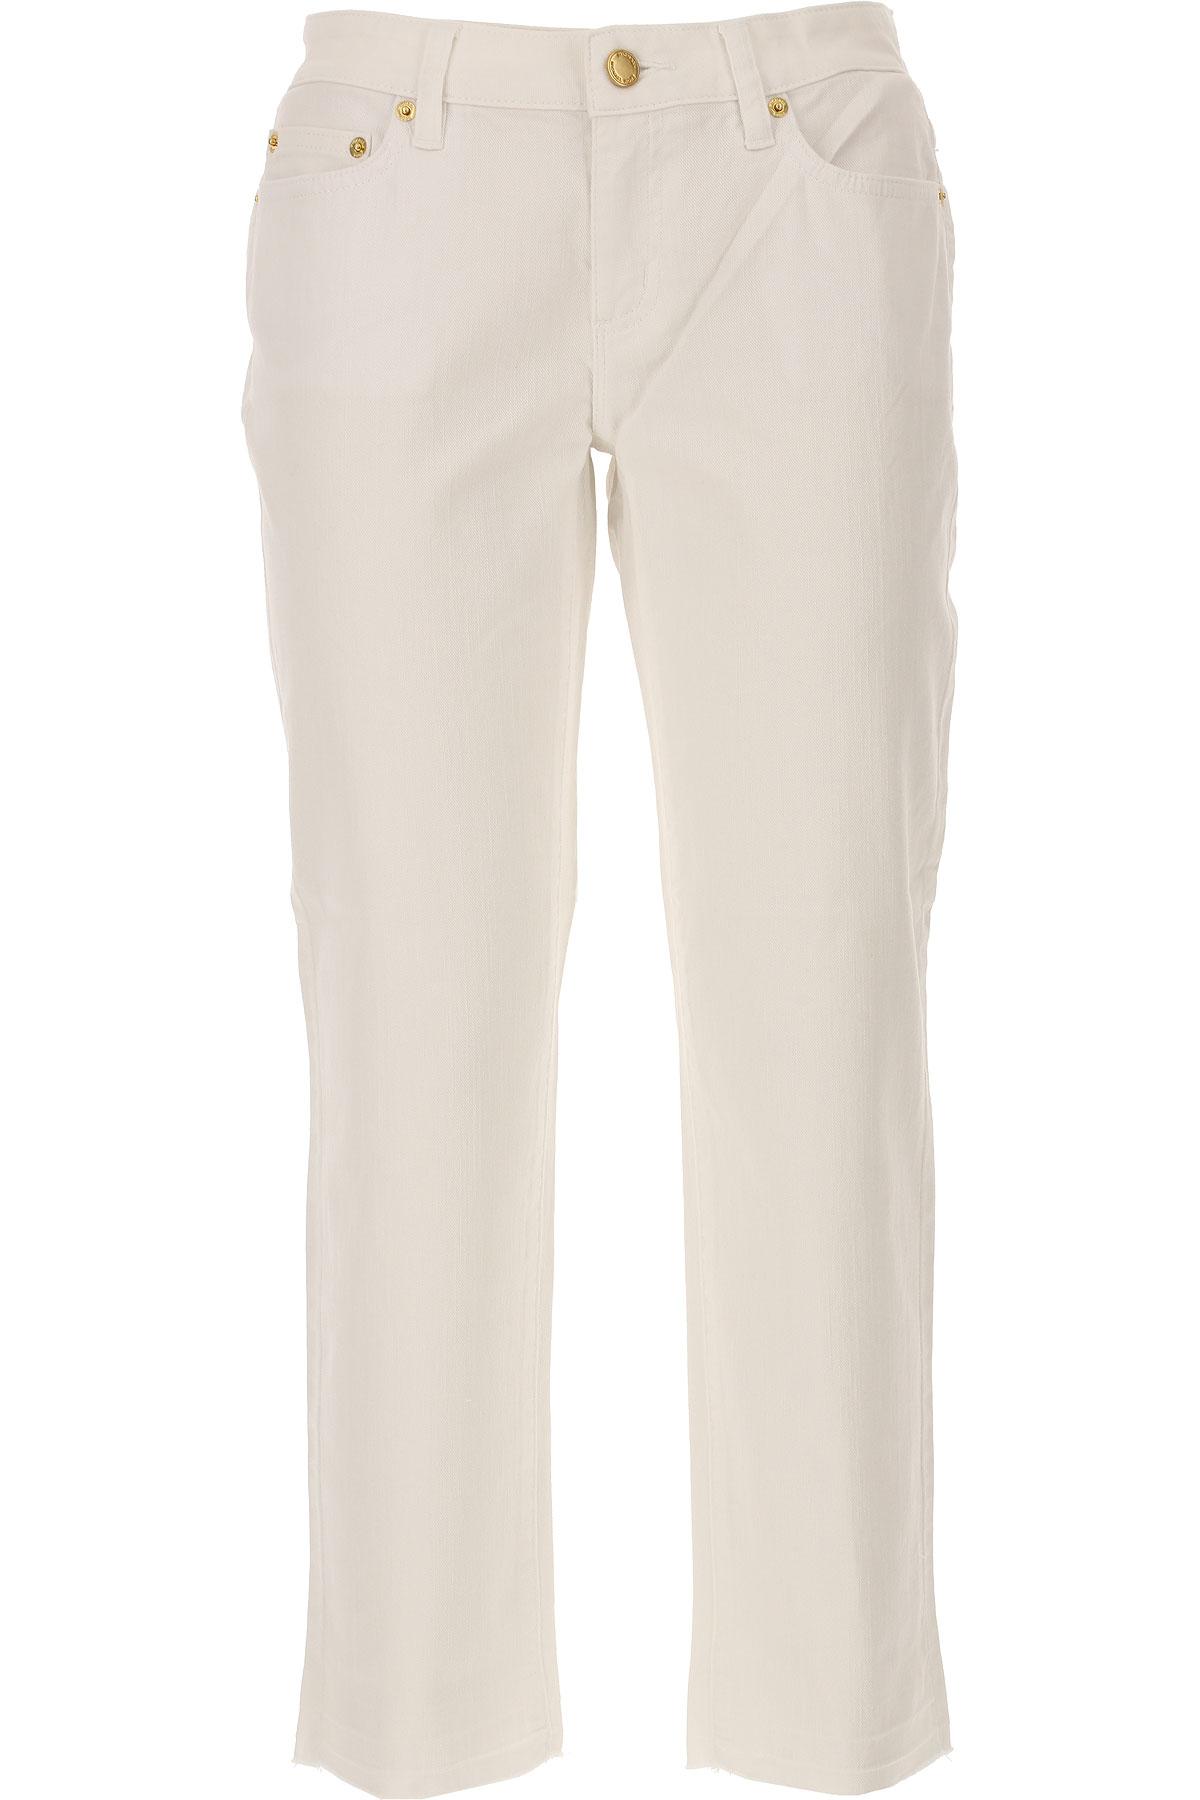 Michael Kors Jeans On Sale, White, Cotton, 2017, IT 38 - US 0 - F 34 IT 40 - US 2 - F 36 IT 42 - US 4 - F 38 IT 44 - US 6 - F 40 USA-445843